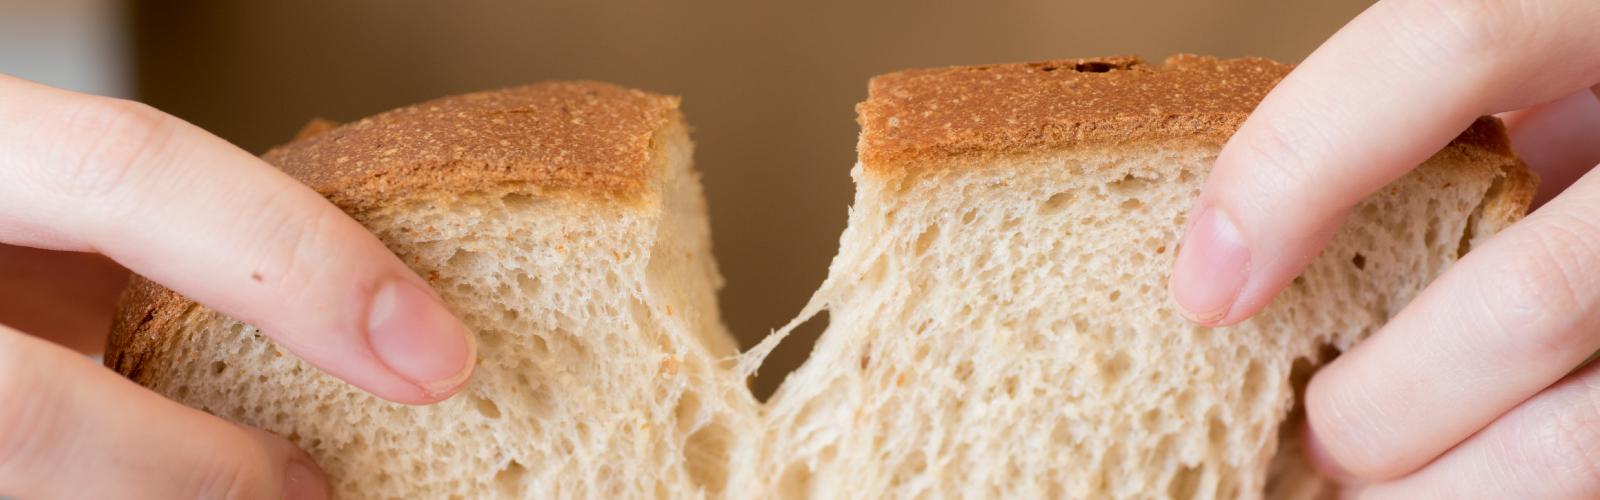 玄氣堂 玄米パン しっとり、ふんわり、もっちり。おいしく、腹持ちバツグンです。